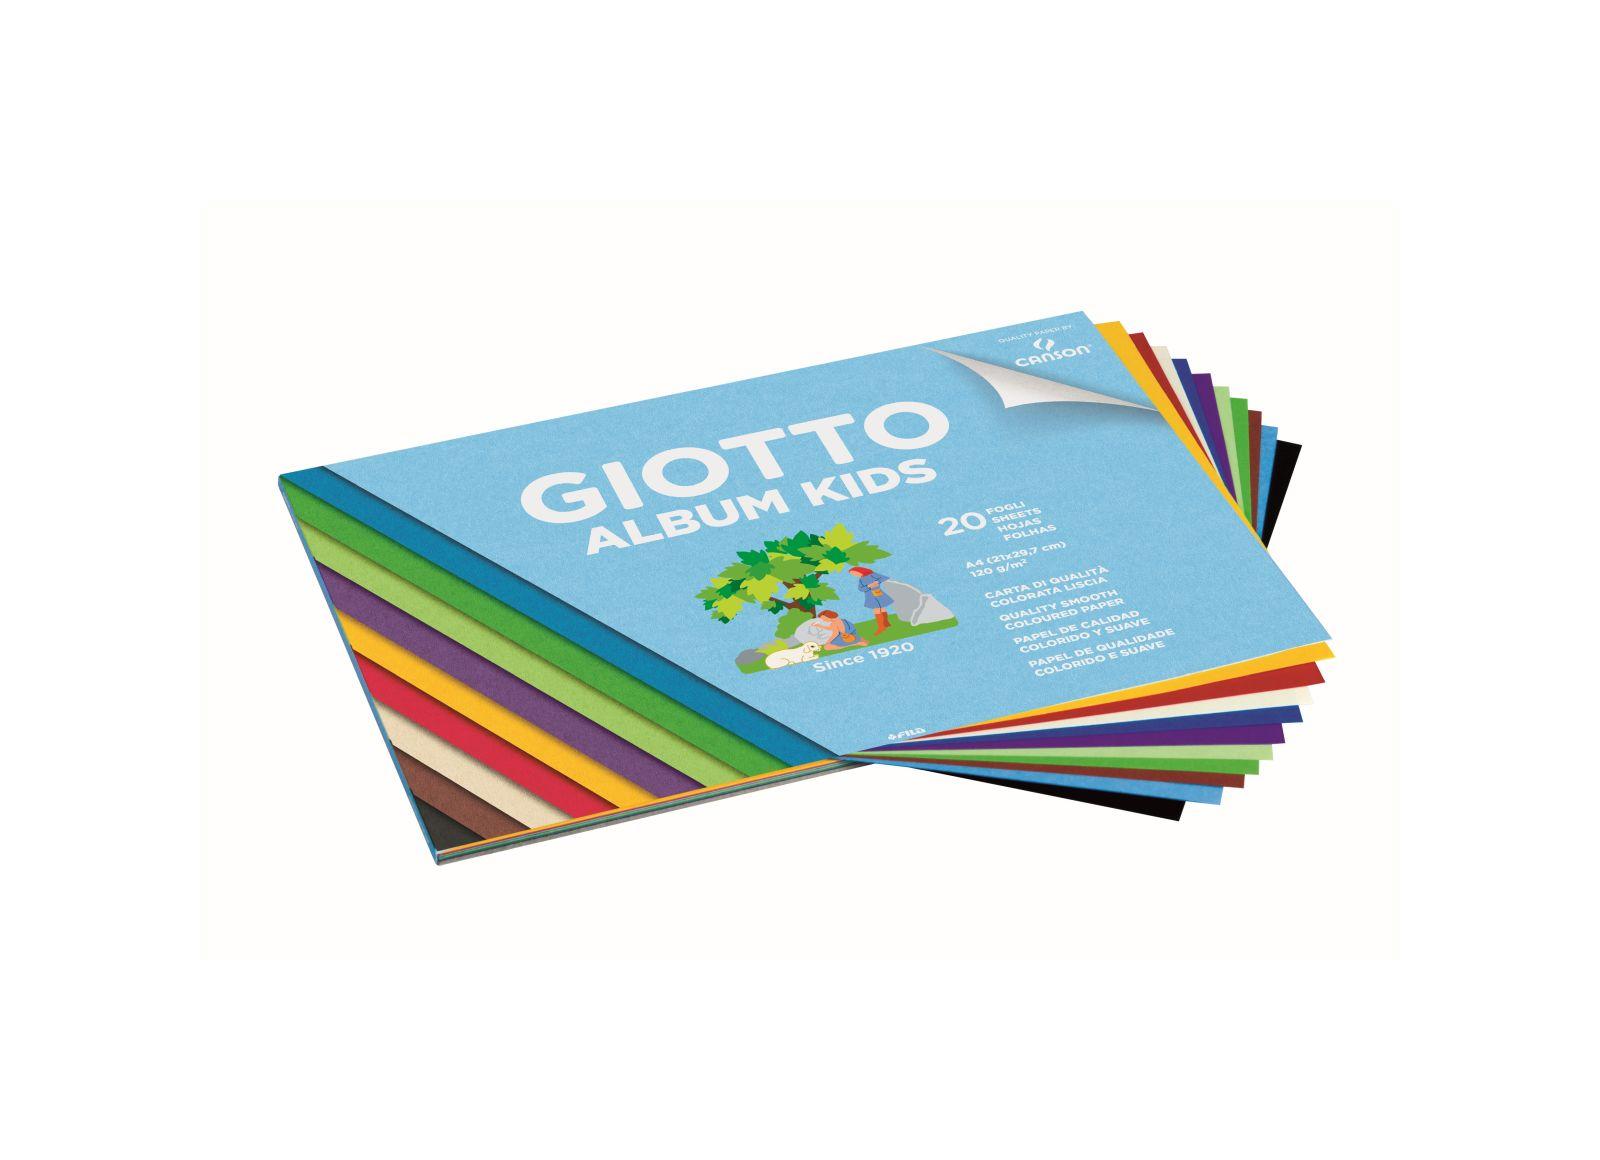 Giotto album carta colorata liscia 20fogli 120gm2 - GIOTTO